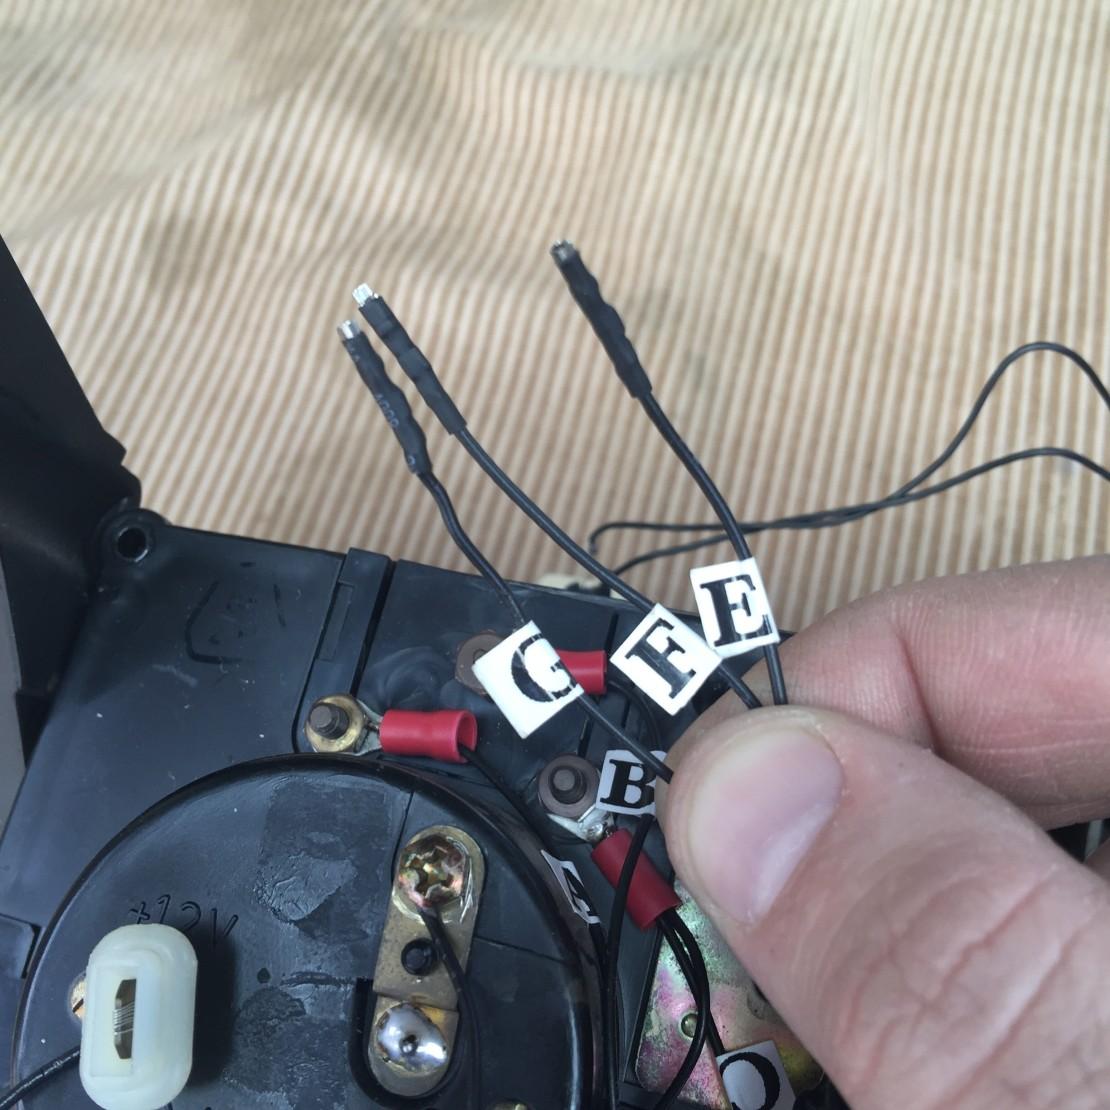 Tachometer wires.